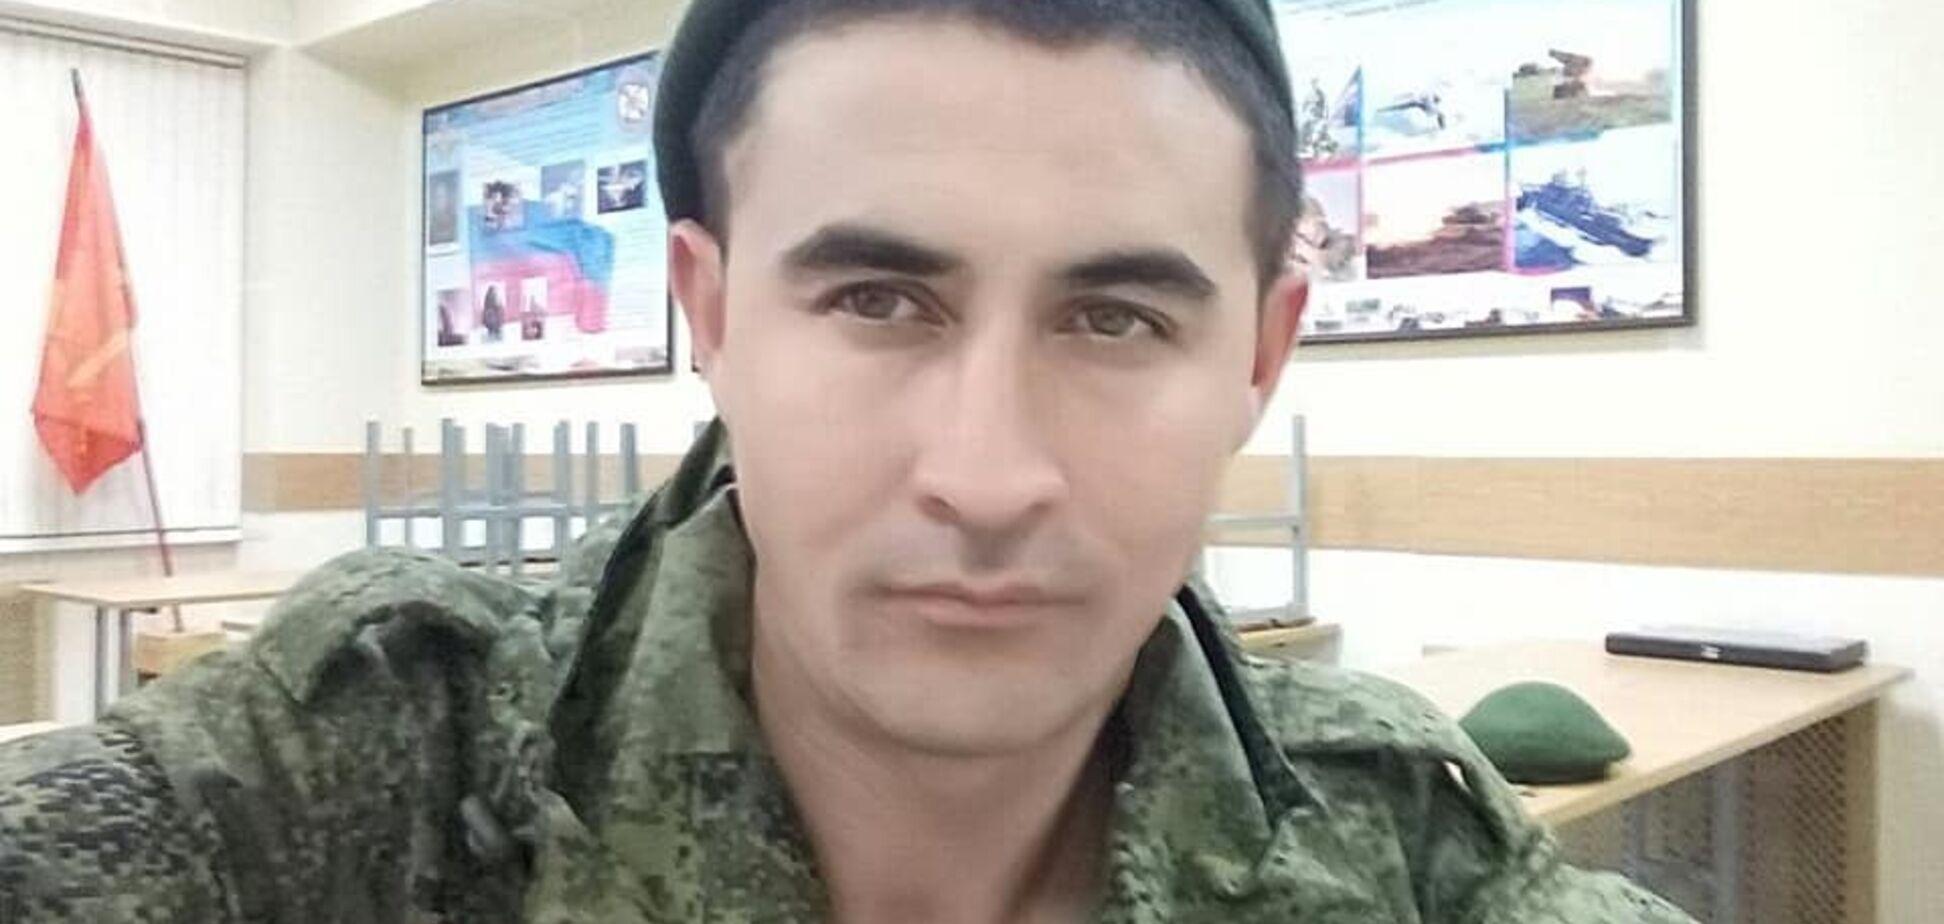 Така 'громадянська війна': офіцер ЗСУ показав викривальне фото з Донбасу